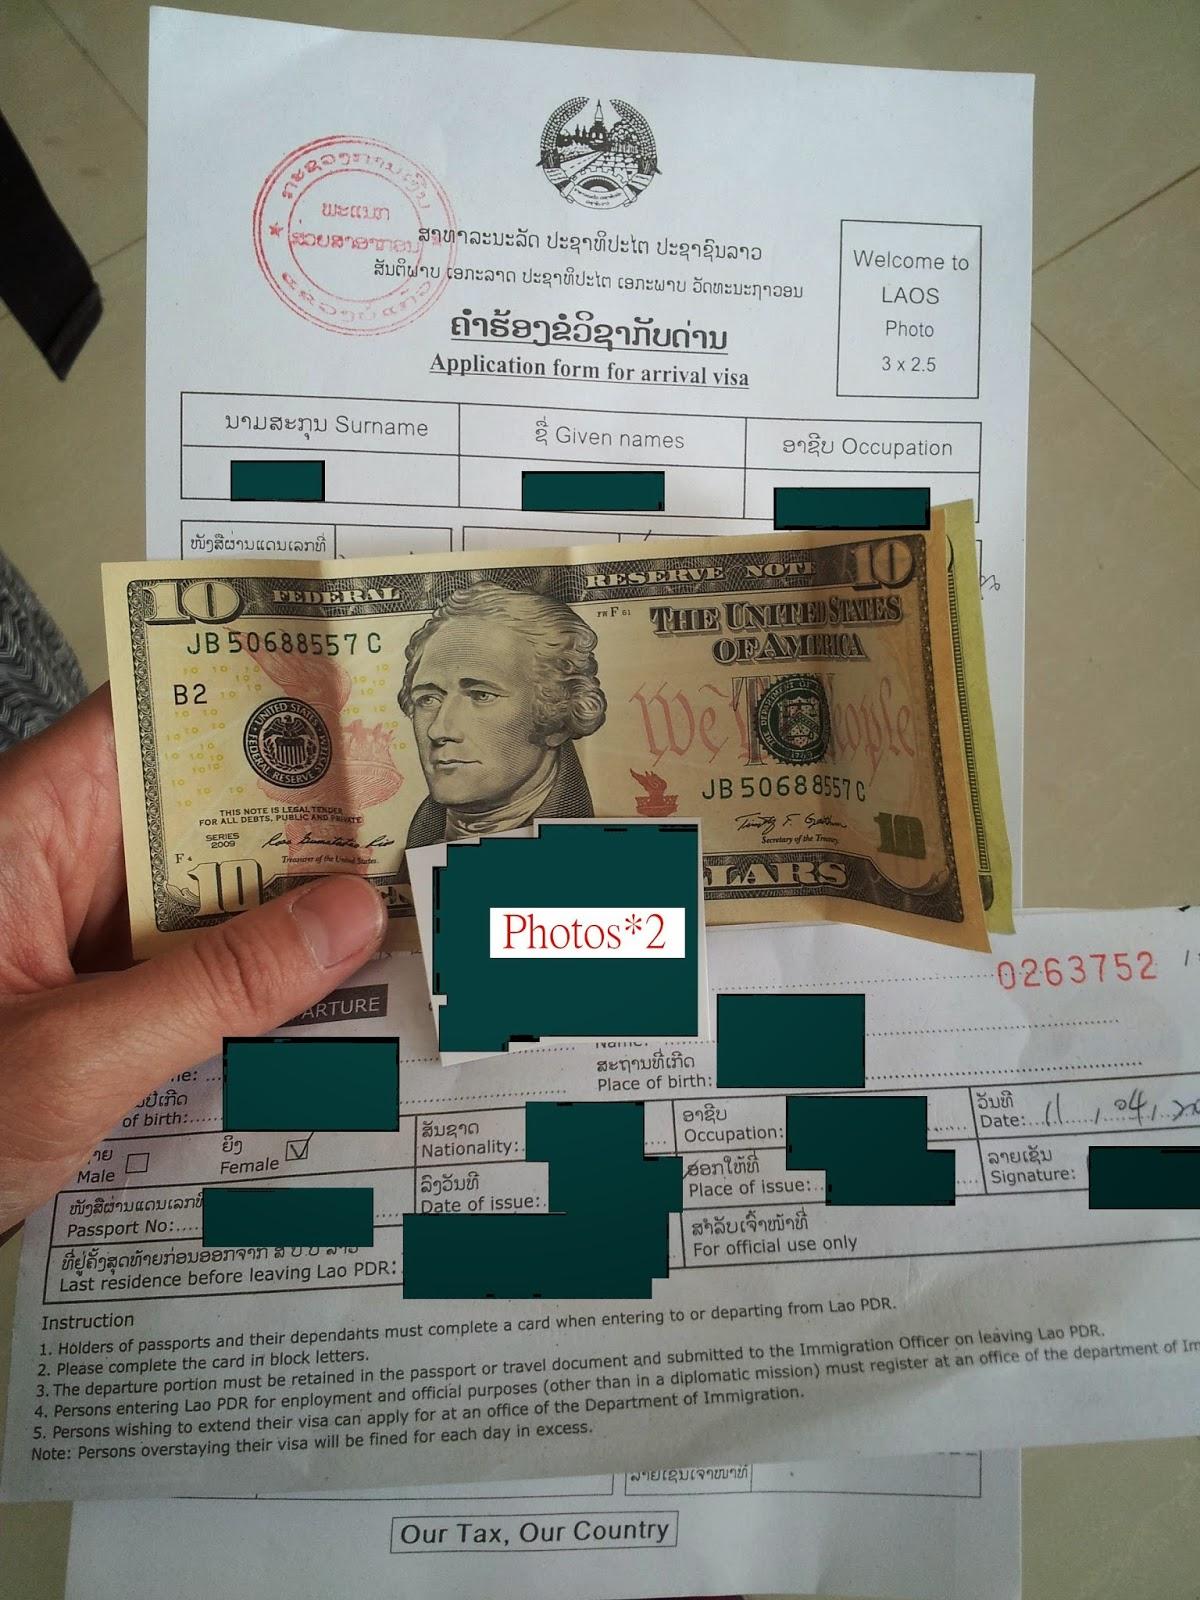 這世界上所有的一切都只是妳的想像。: 從泰國入境寮國(老撾)